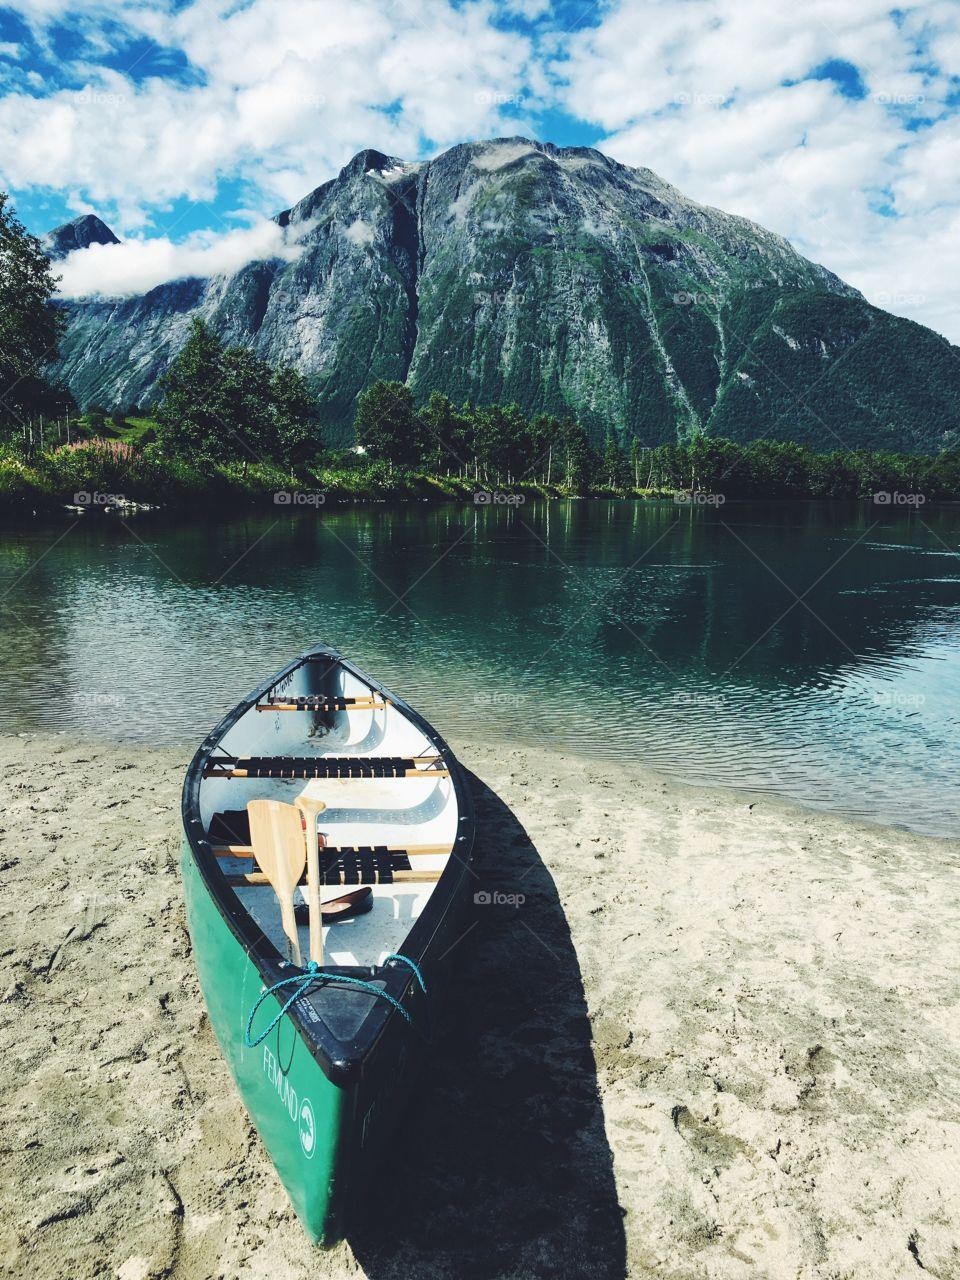 Boat at the riverbank